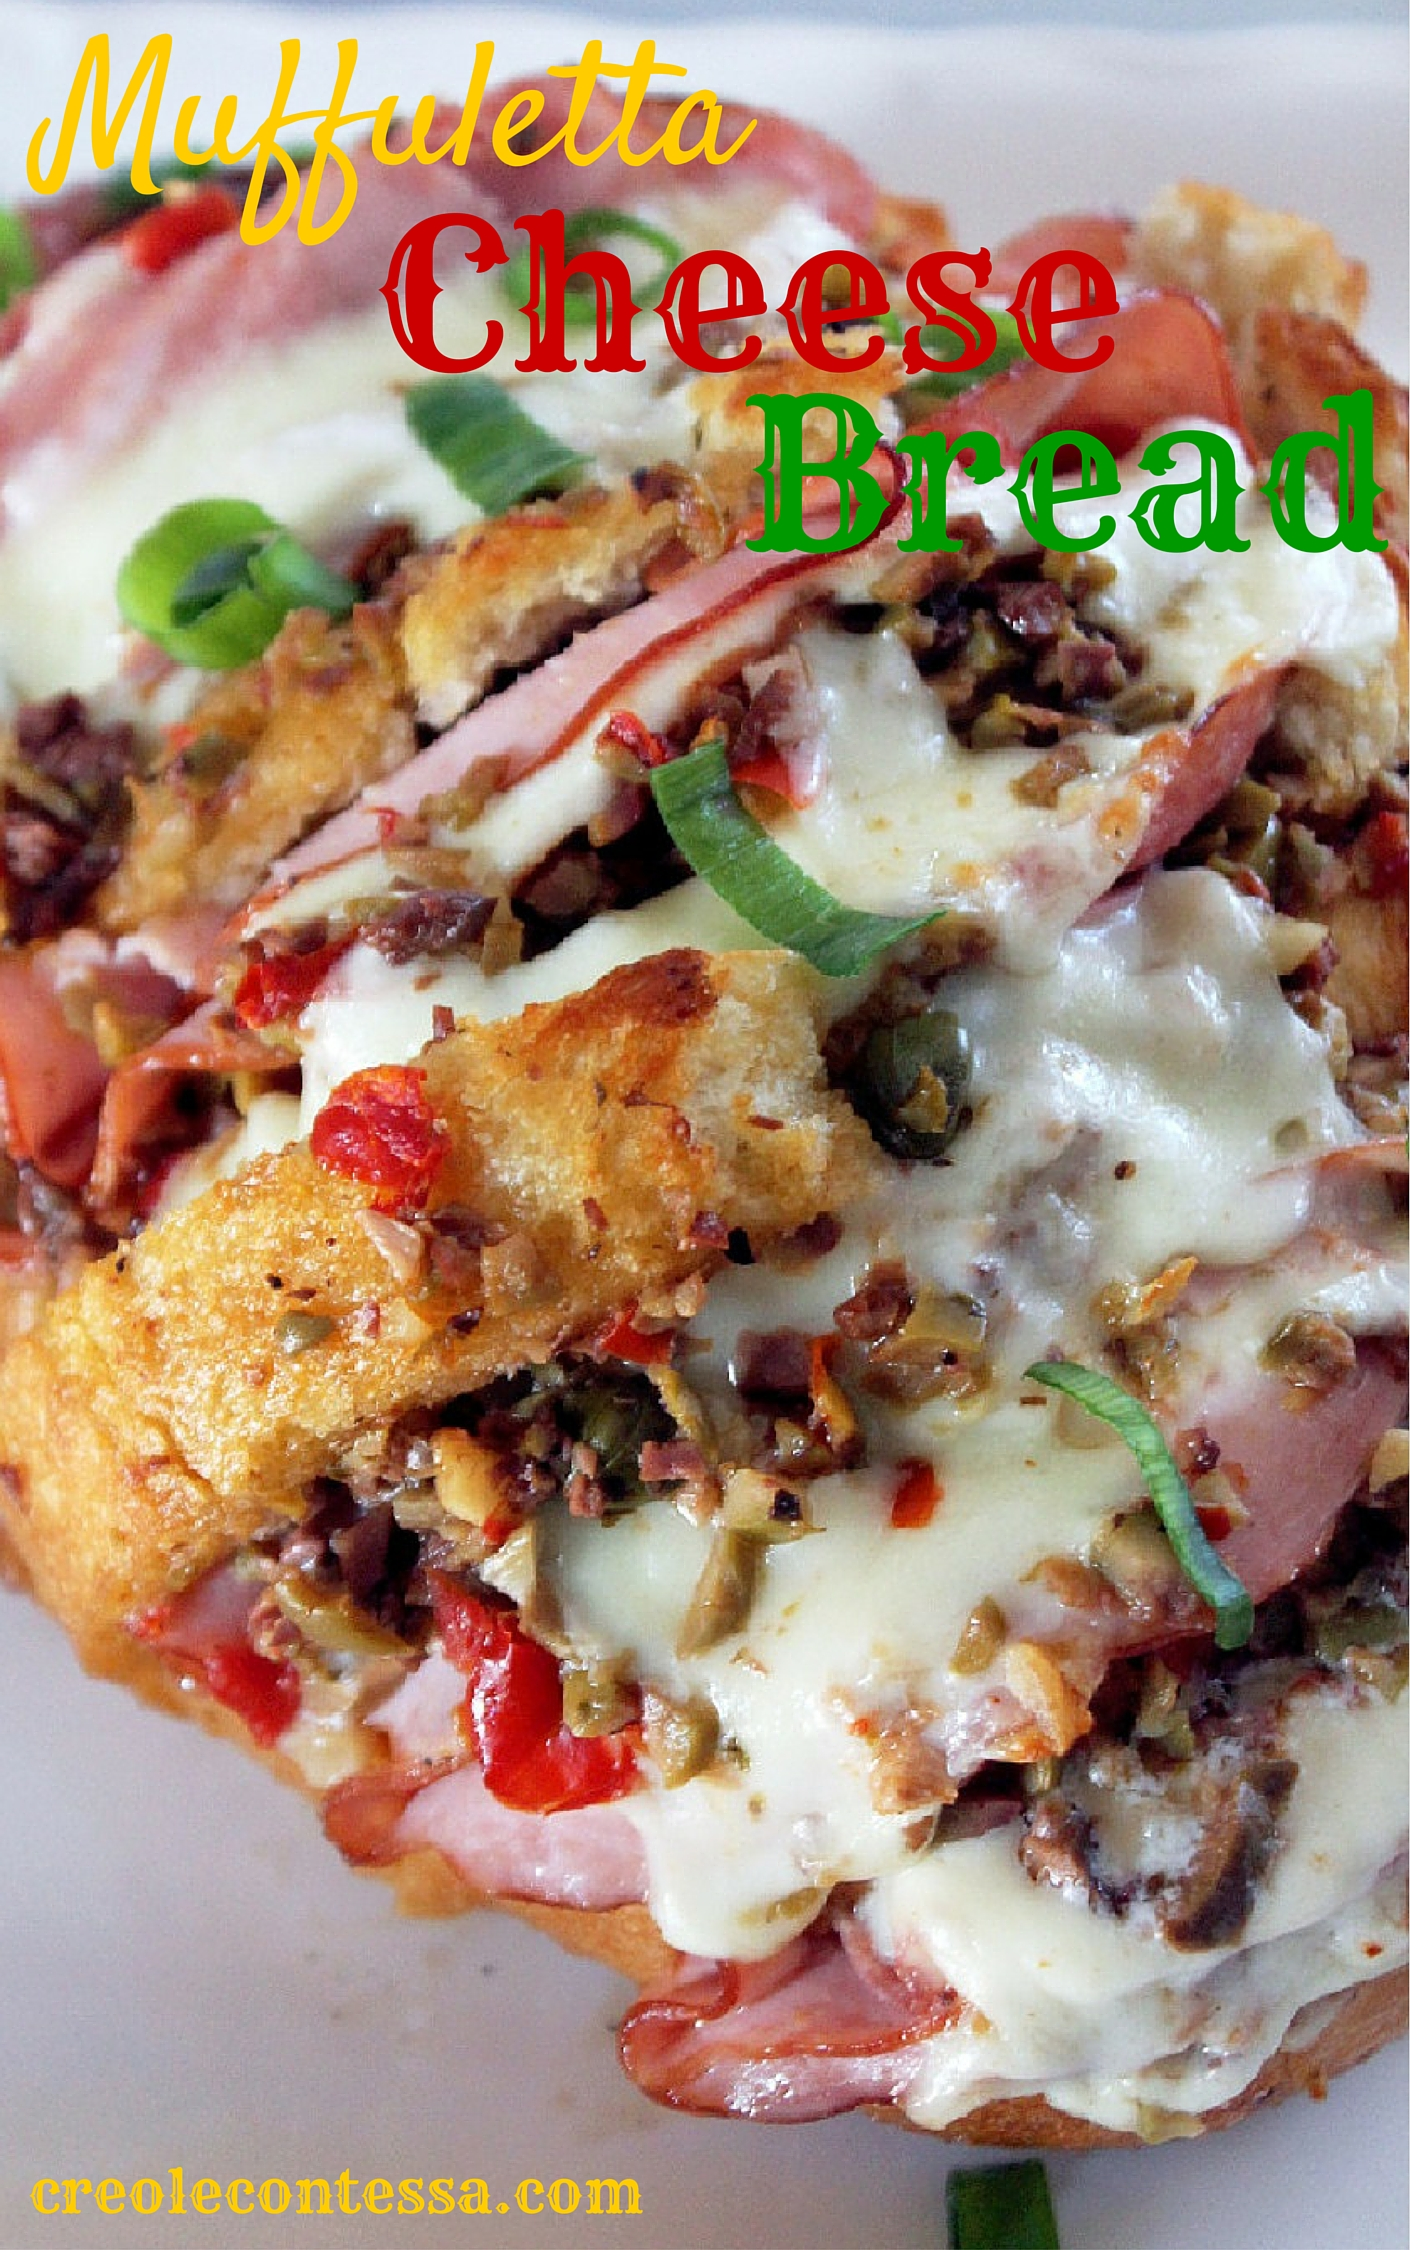 Muffuletta Cheese Bread-Creole Contessa